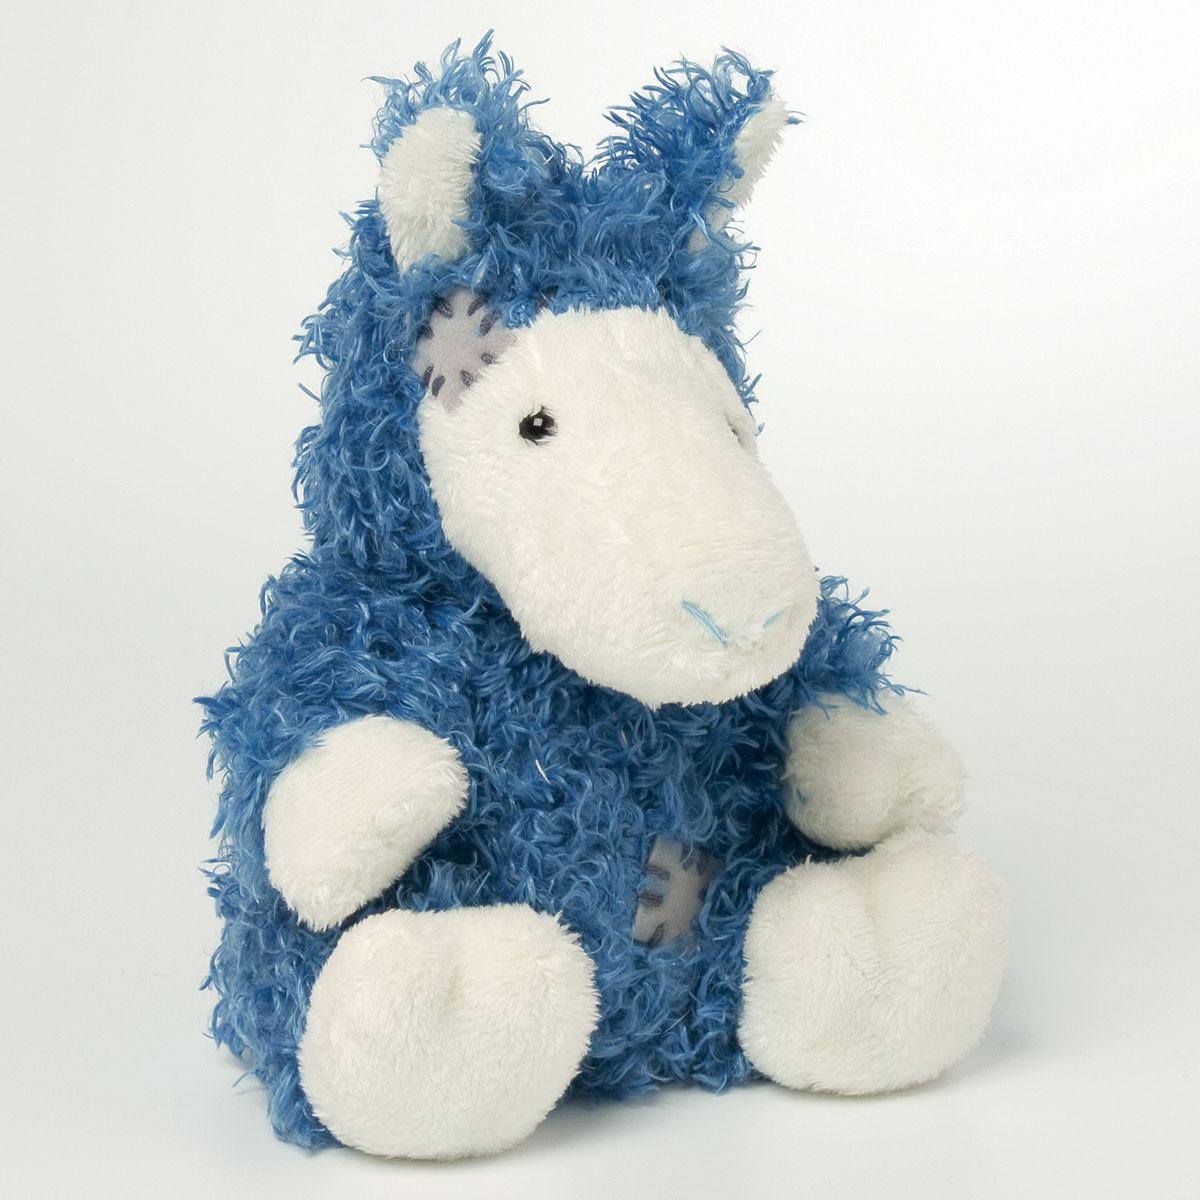 Me to You Мягкая игрушка Овечка Kozie, 10 смG73W0061Очень милая мягкая игрушка Me to You  Овечка Kozie - отличный подарок как для ребенка, так и для взрослого. Игрушка изготовлена из безопасных, приятных на ощупь текстильных материалов в виде овечки с милыми заплатками. Глазки игрушки выполнены из пластика. Пластиковые гранулы, используемые при набивке игрушки, способствуют развитию мелкой моторики рук ребенка. С такой забавной игрушкой можно смело засыпать в кроватке или отправляться на прогулку.